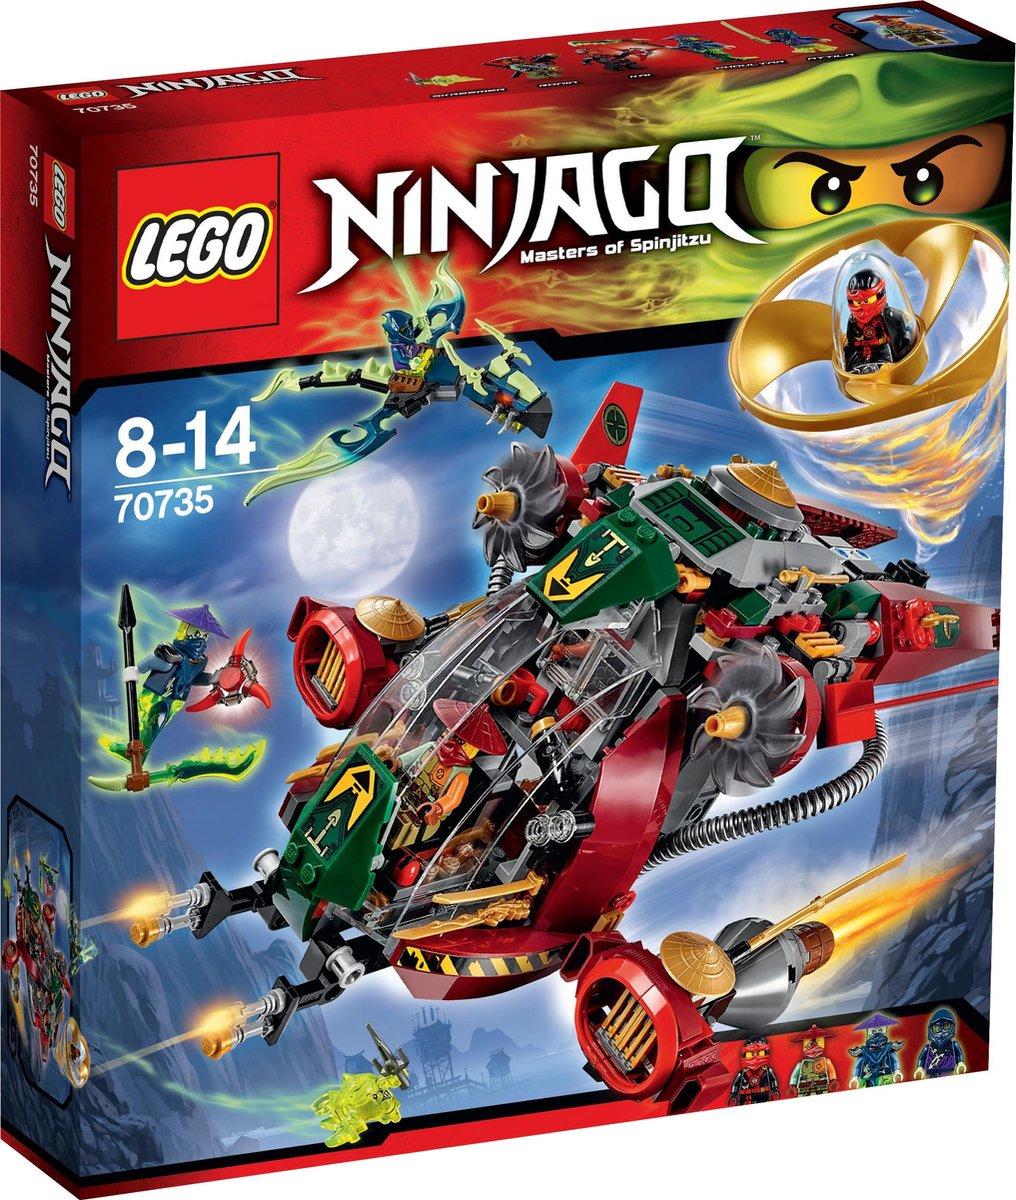 LEGO NINJAGO Ronin